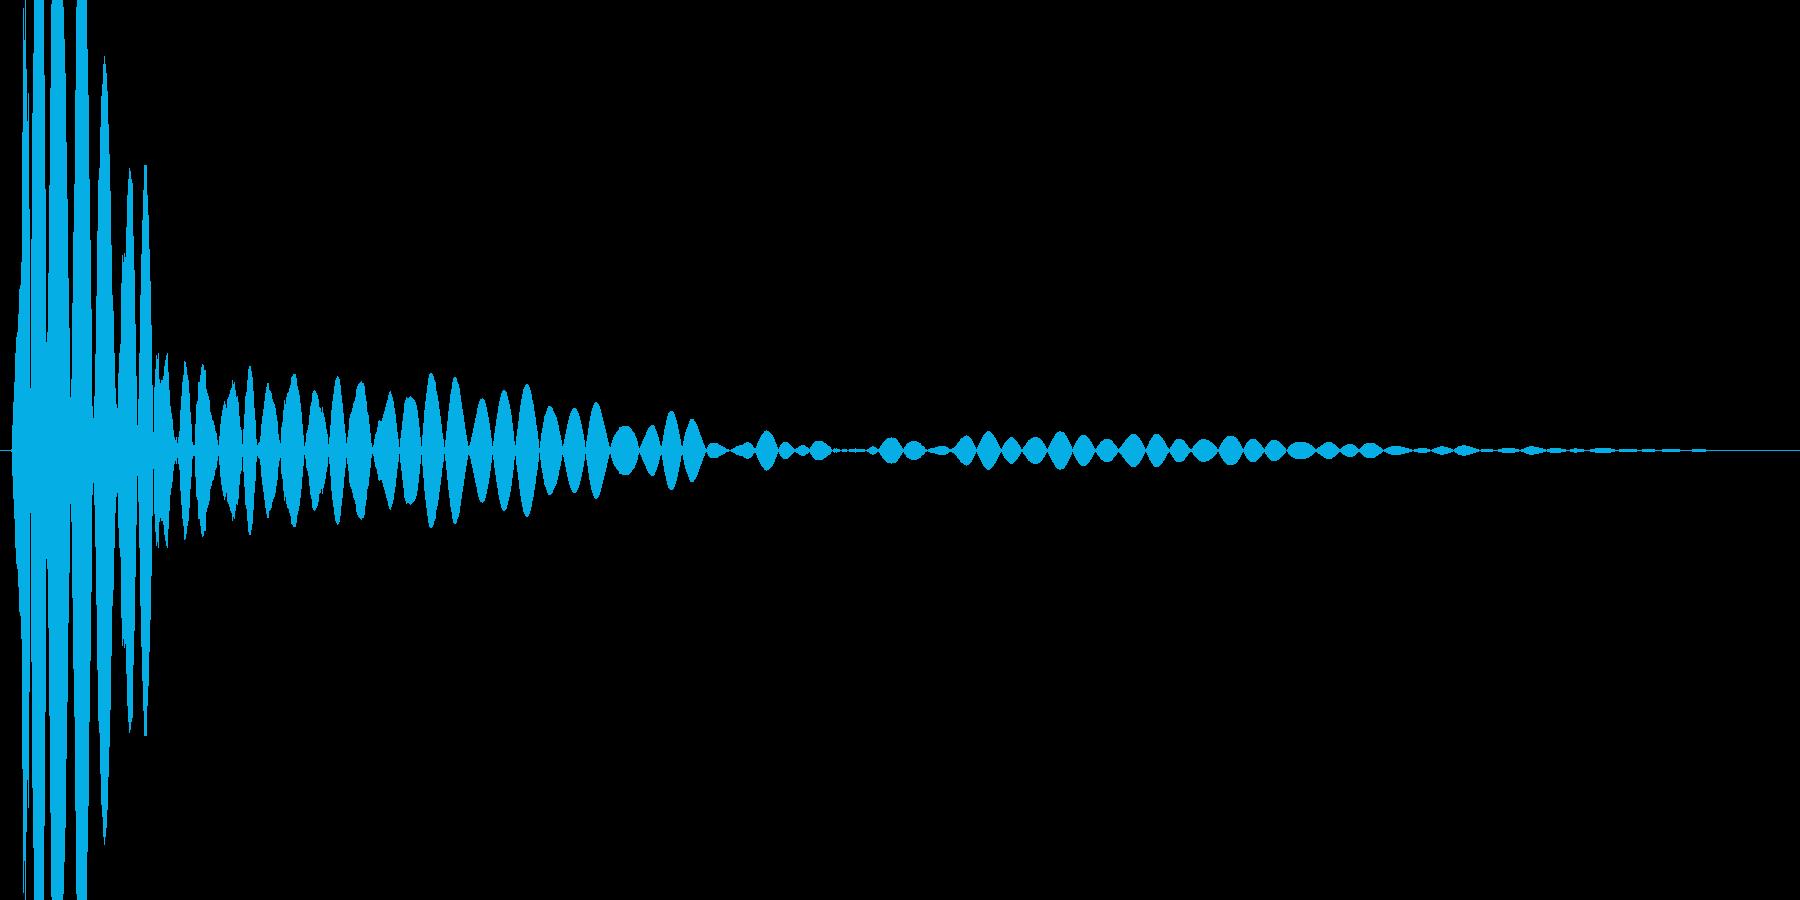 ボタン・カーソル・操作音 「コッ」の再生済みの波形